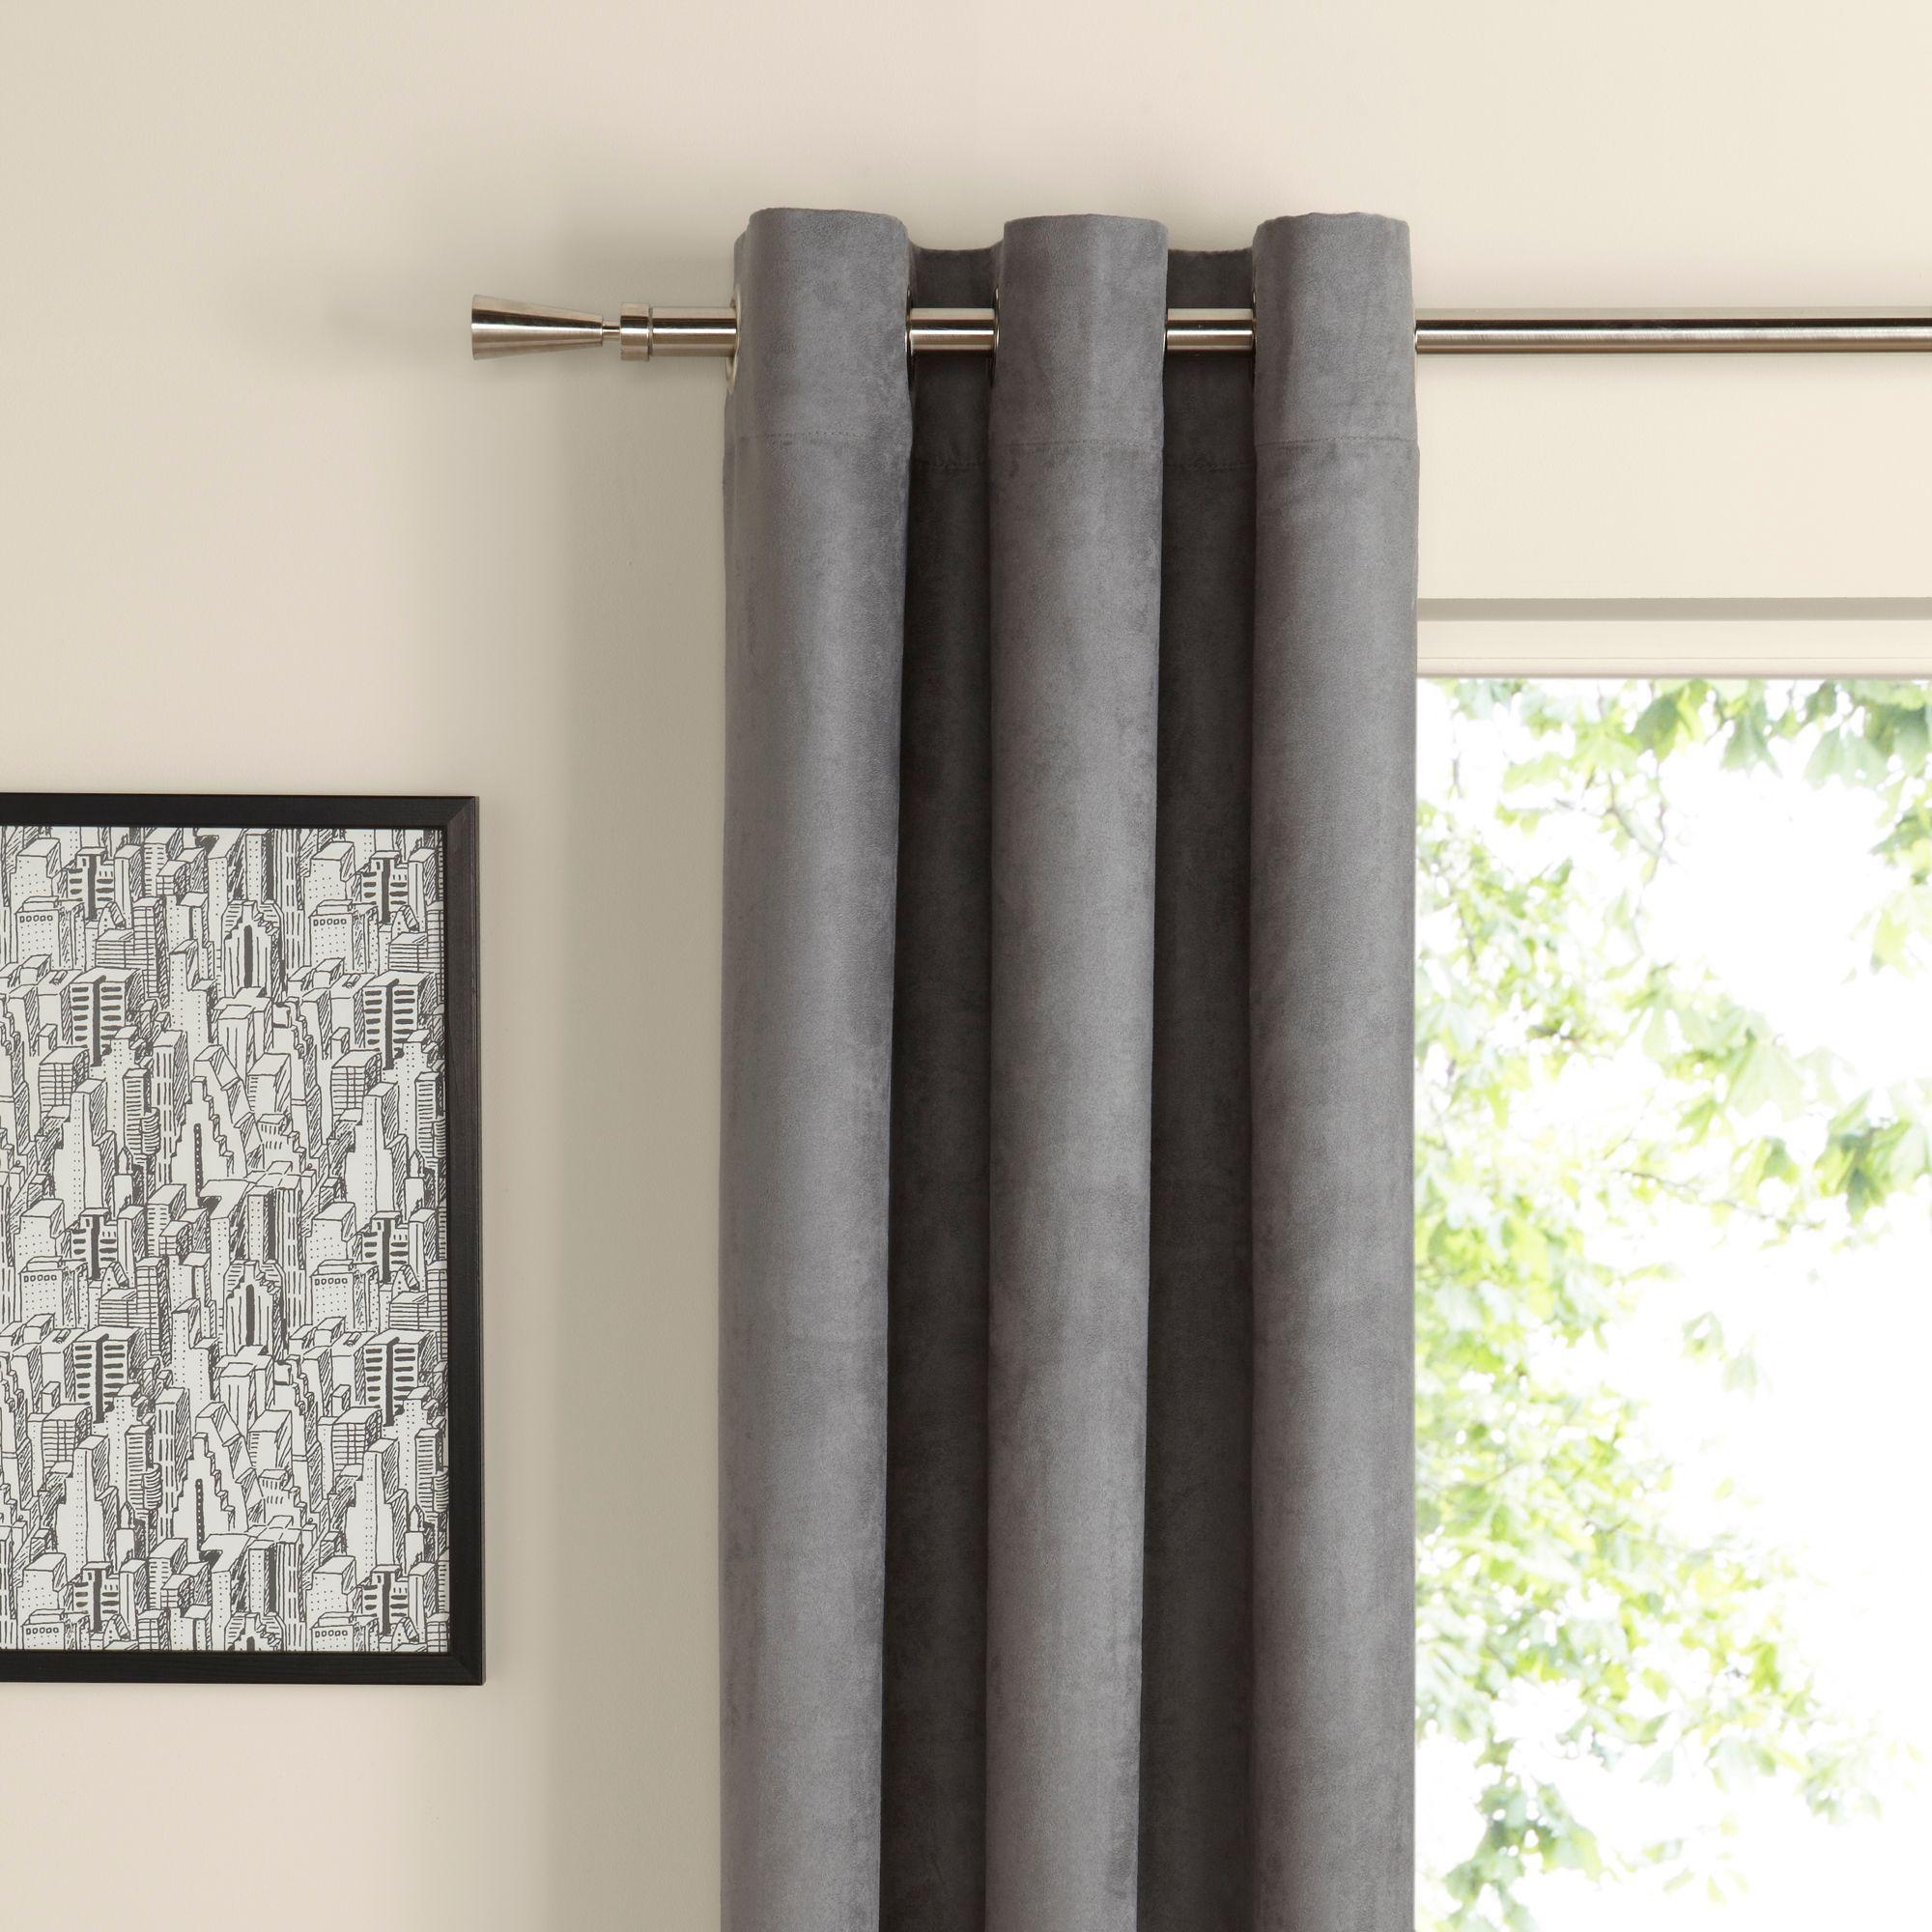 Suedine Concrete Plain Woven Eyelet Curtains (W)167 cm